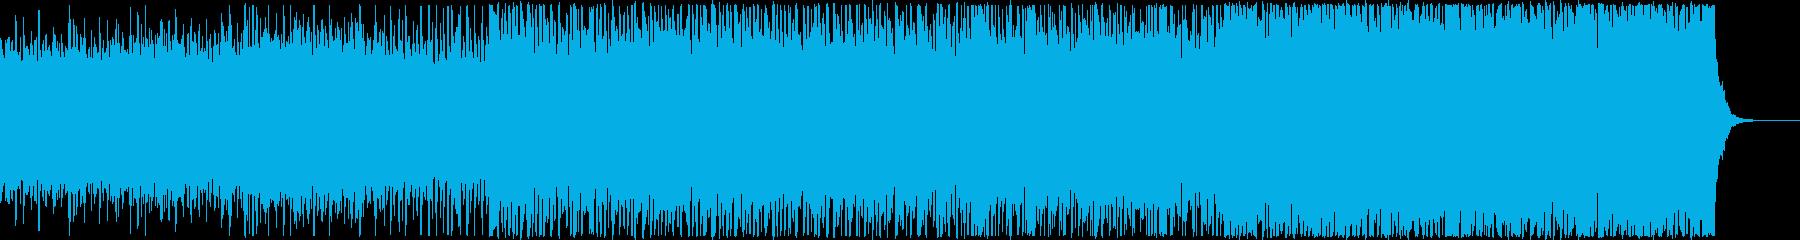 シンセやギターを使用したポップで明るい曲の再生済みの波形